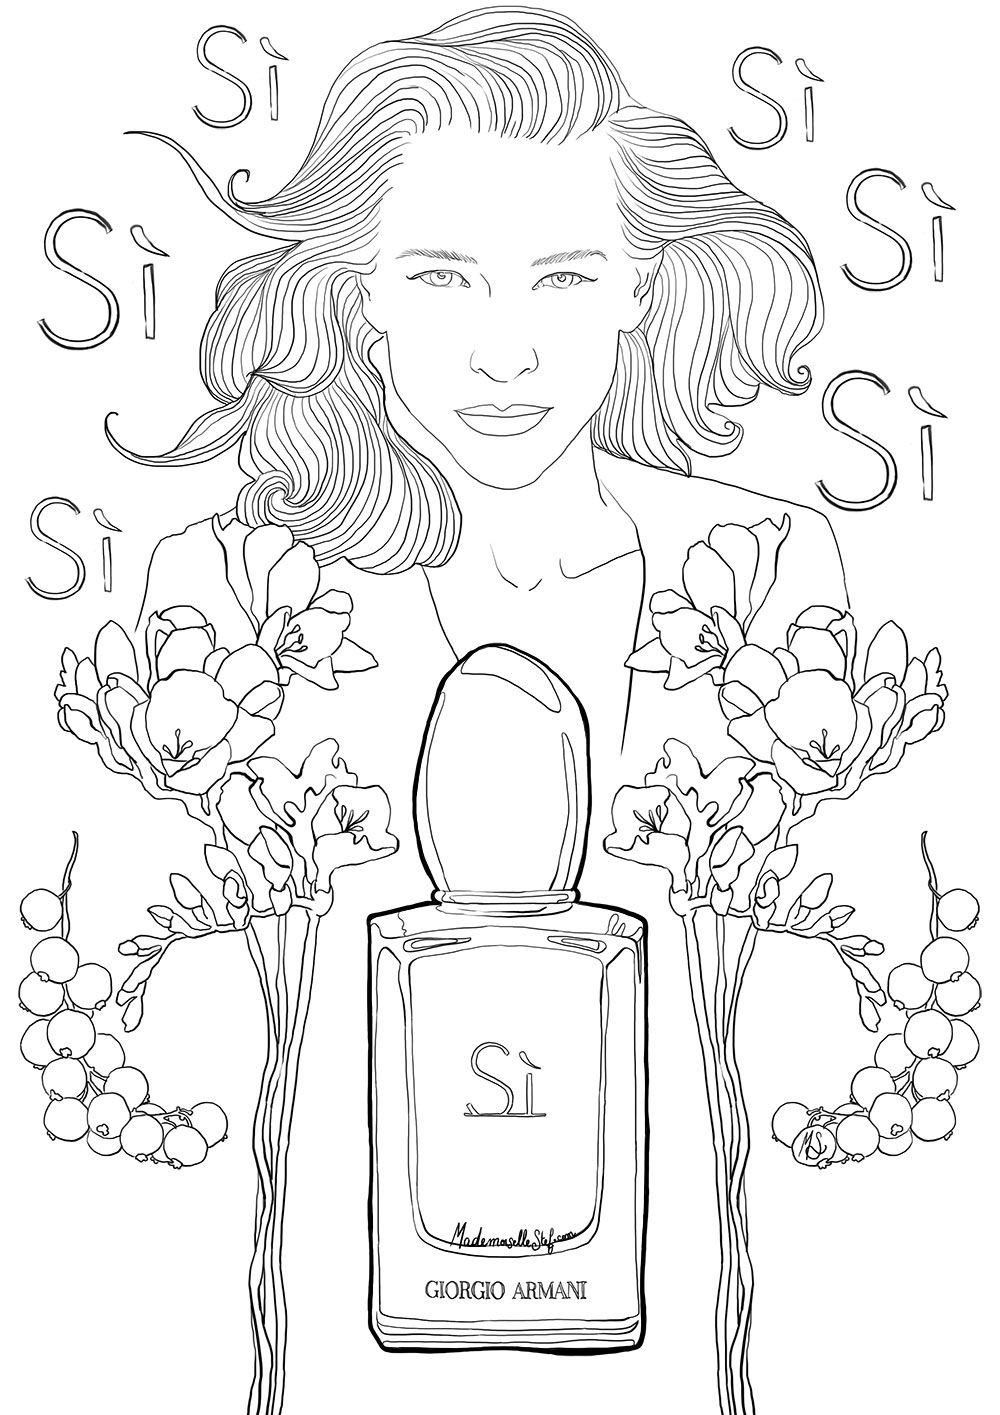 Coloriage pour adulte : Parfum SI de Giorgio Armani | Pages À Colorier | Pinterest | Coloriage ...